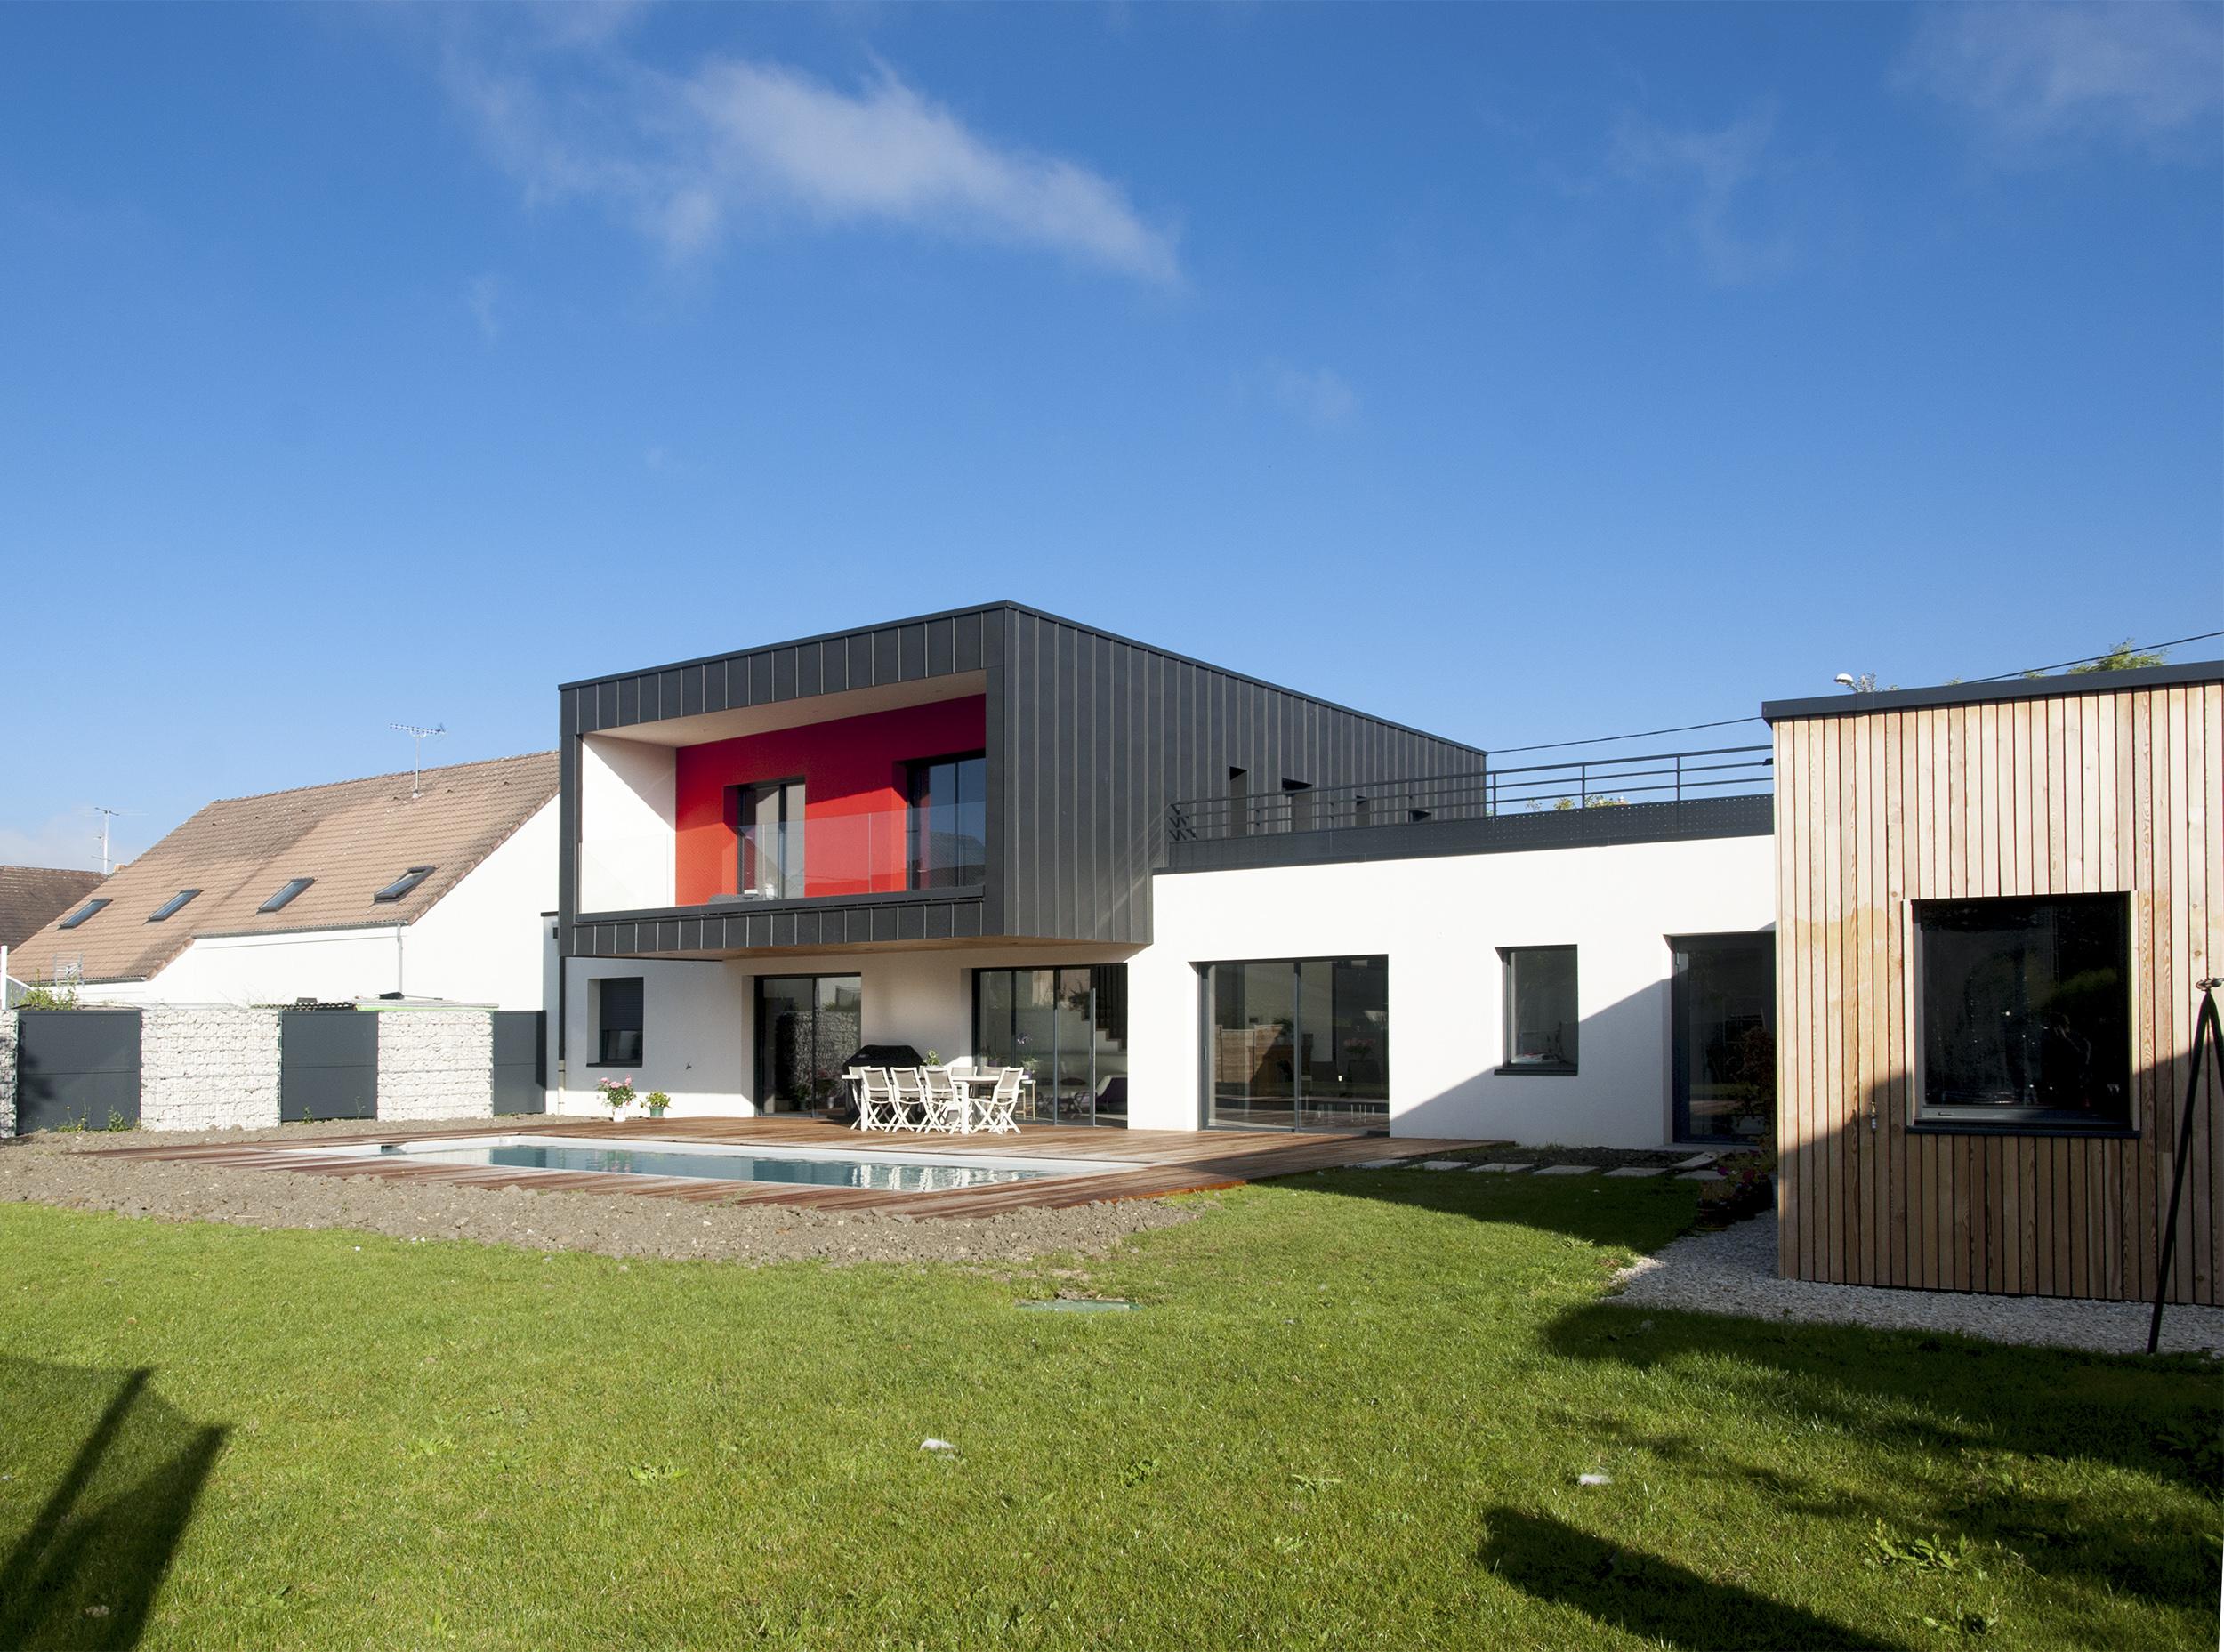 Chouette architecture - Villa Dijon - 2500 31